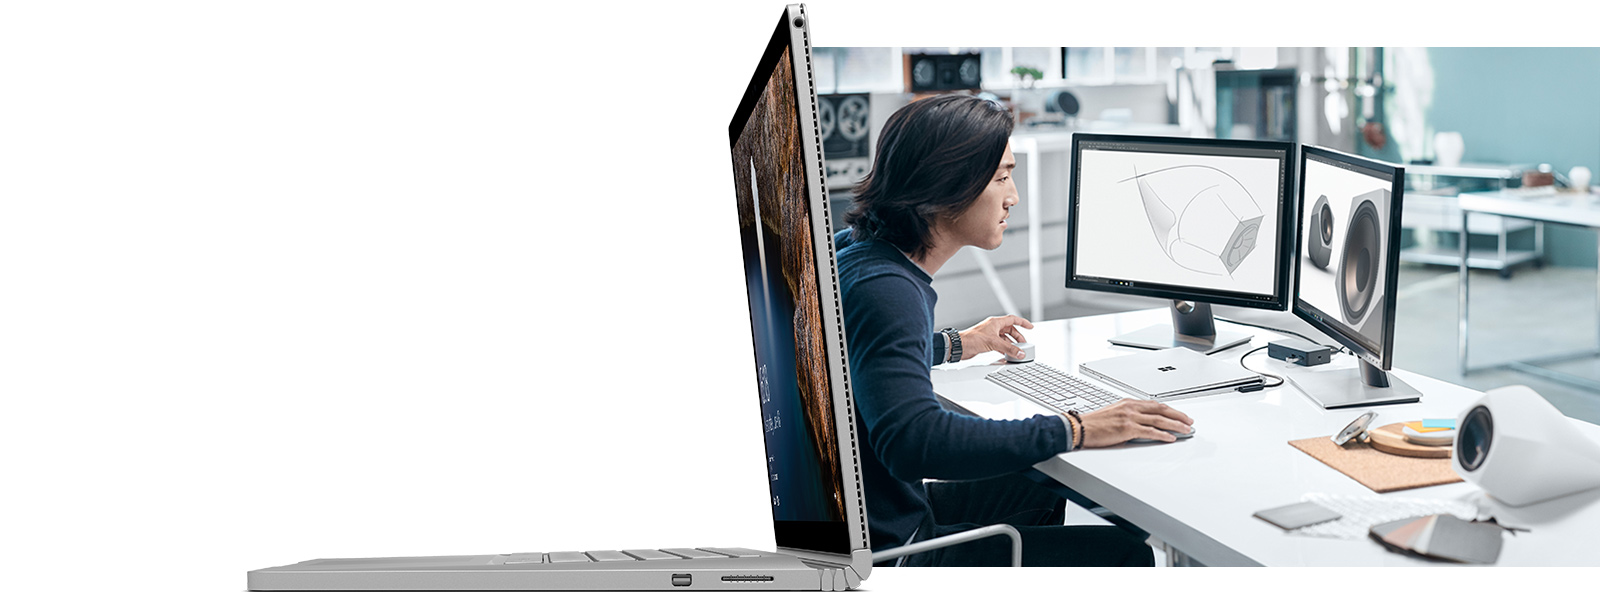 キーボード、マウス、2 つの外部ディスプレイに接続された Surface Book をデスクで作業する男性